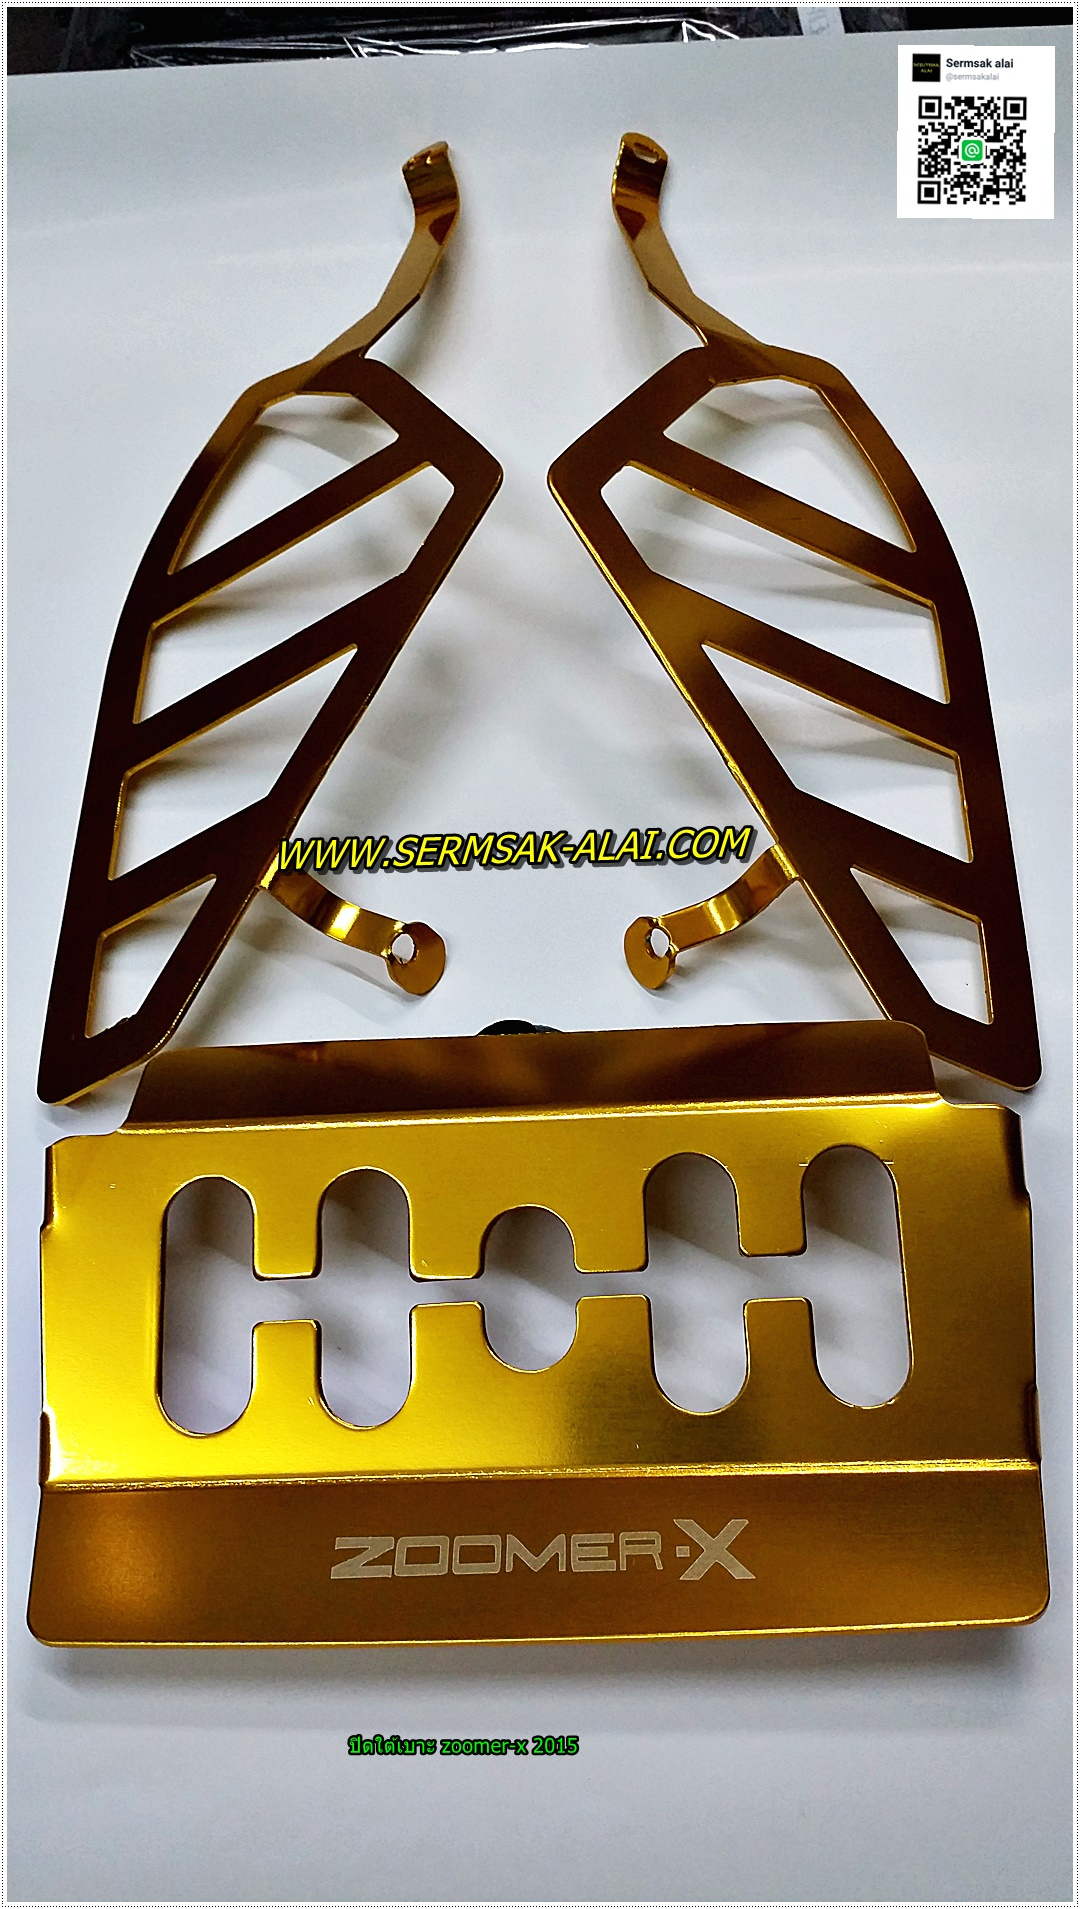 ของแต่ง ZOOMER X ปิด กล่องเก็บของ ใต้เบาะ ZOOMER X 2015 ALL NEW ตะแกรง งานอลูมิเนียม ชุด 3 ชิ้น ดำ ทอง เงิน แดง